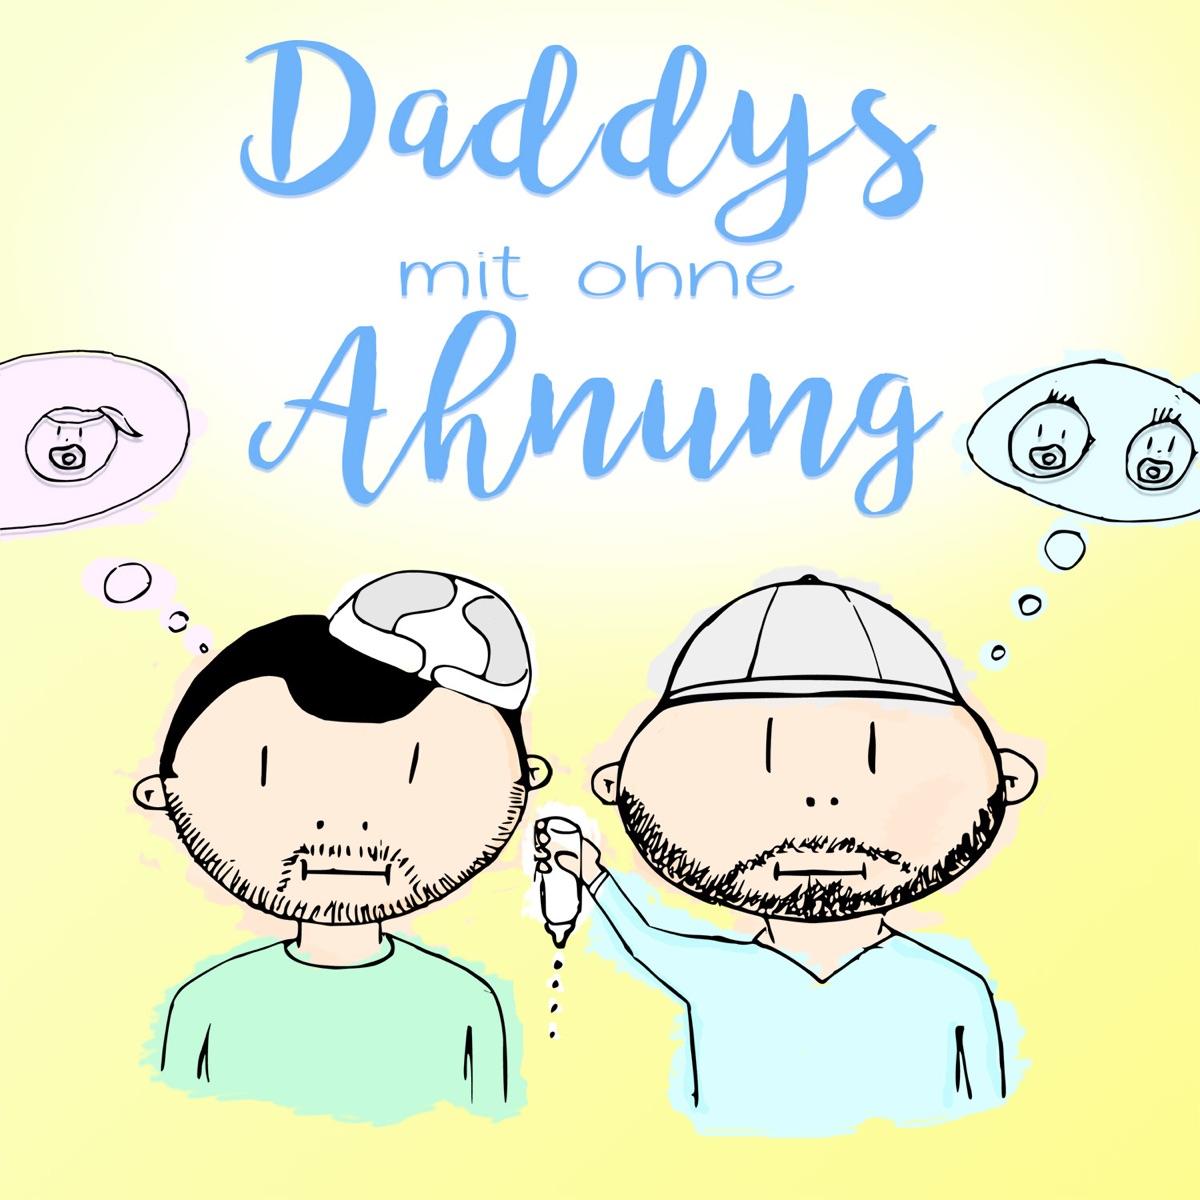 Daddys mit ohne Ahnung